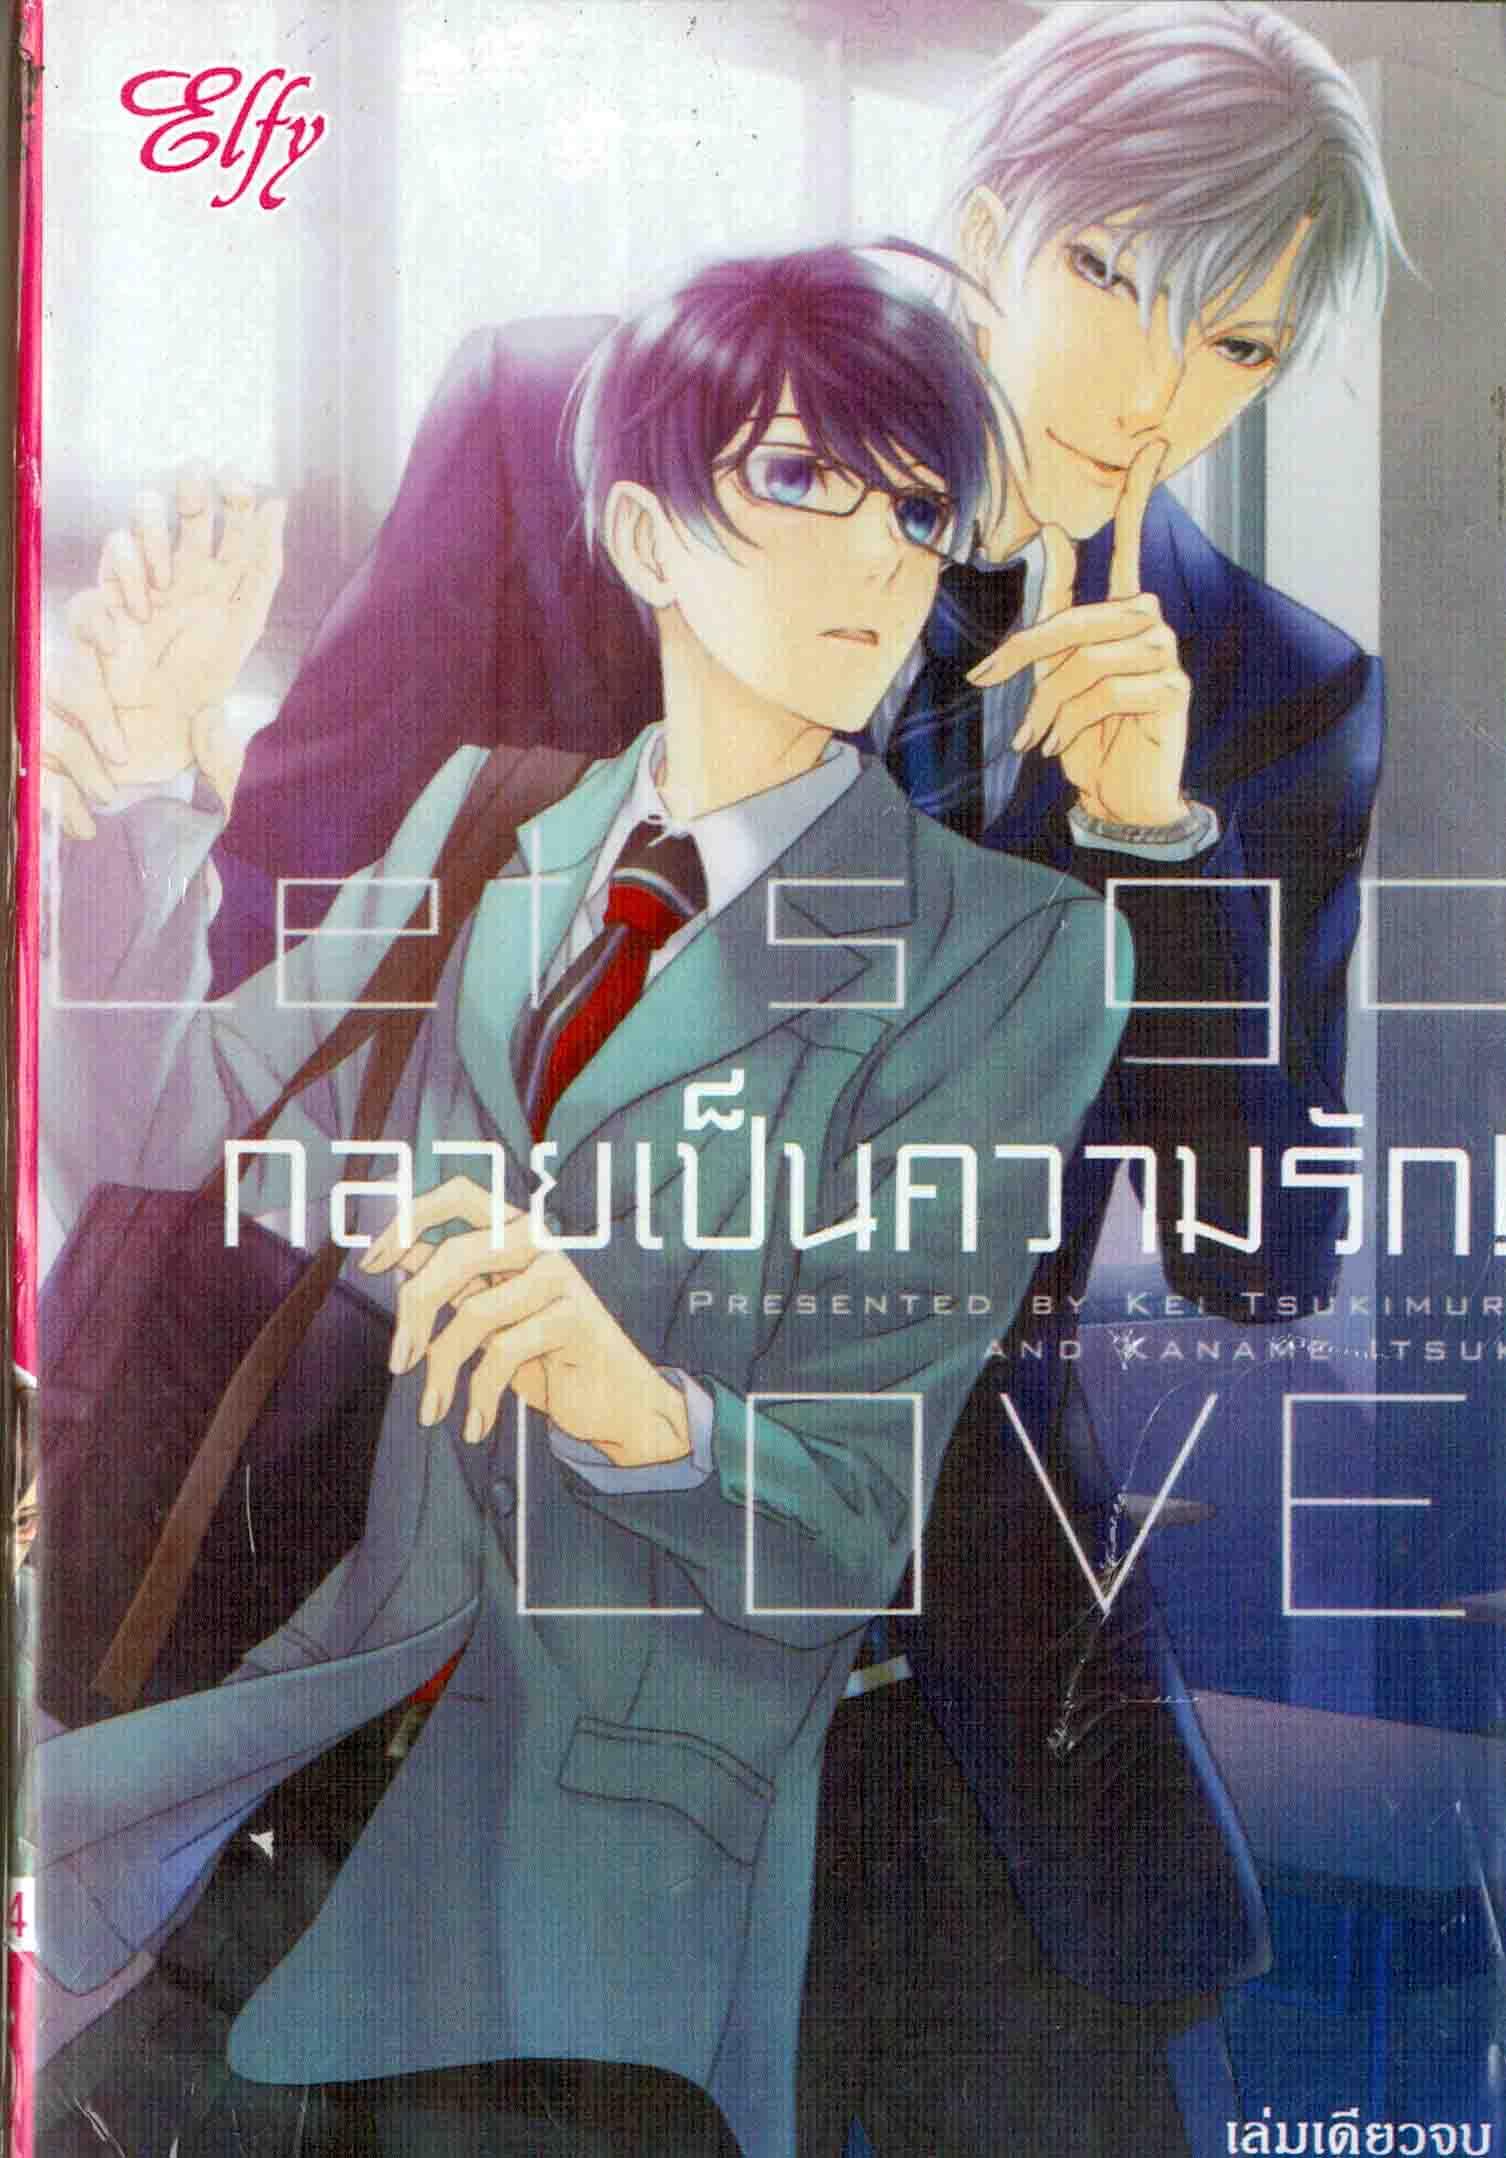 กลายเป็นความรัก : Kei Tsukimura & Kaname Itsuki